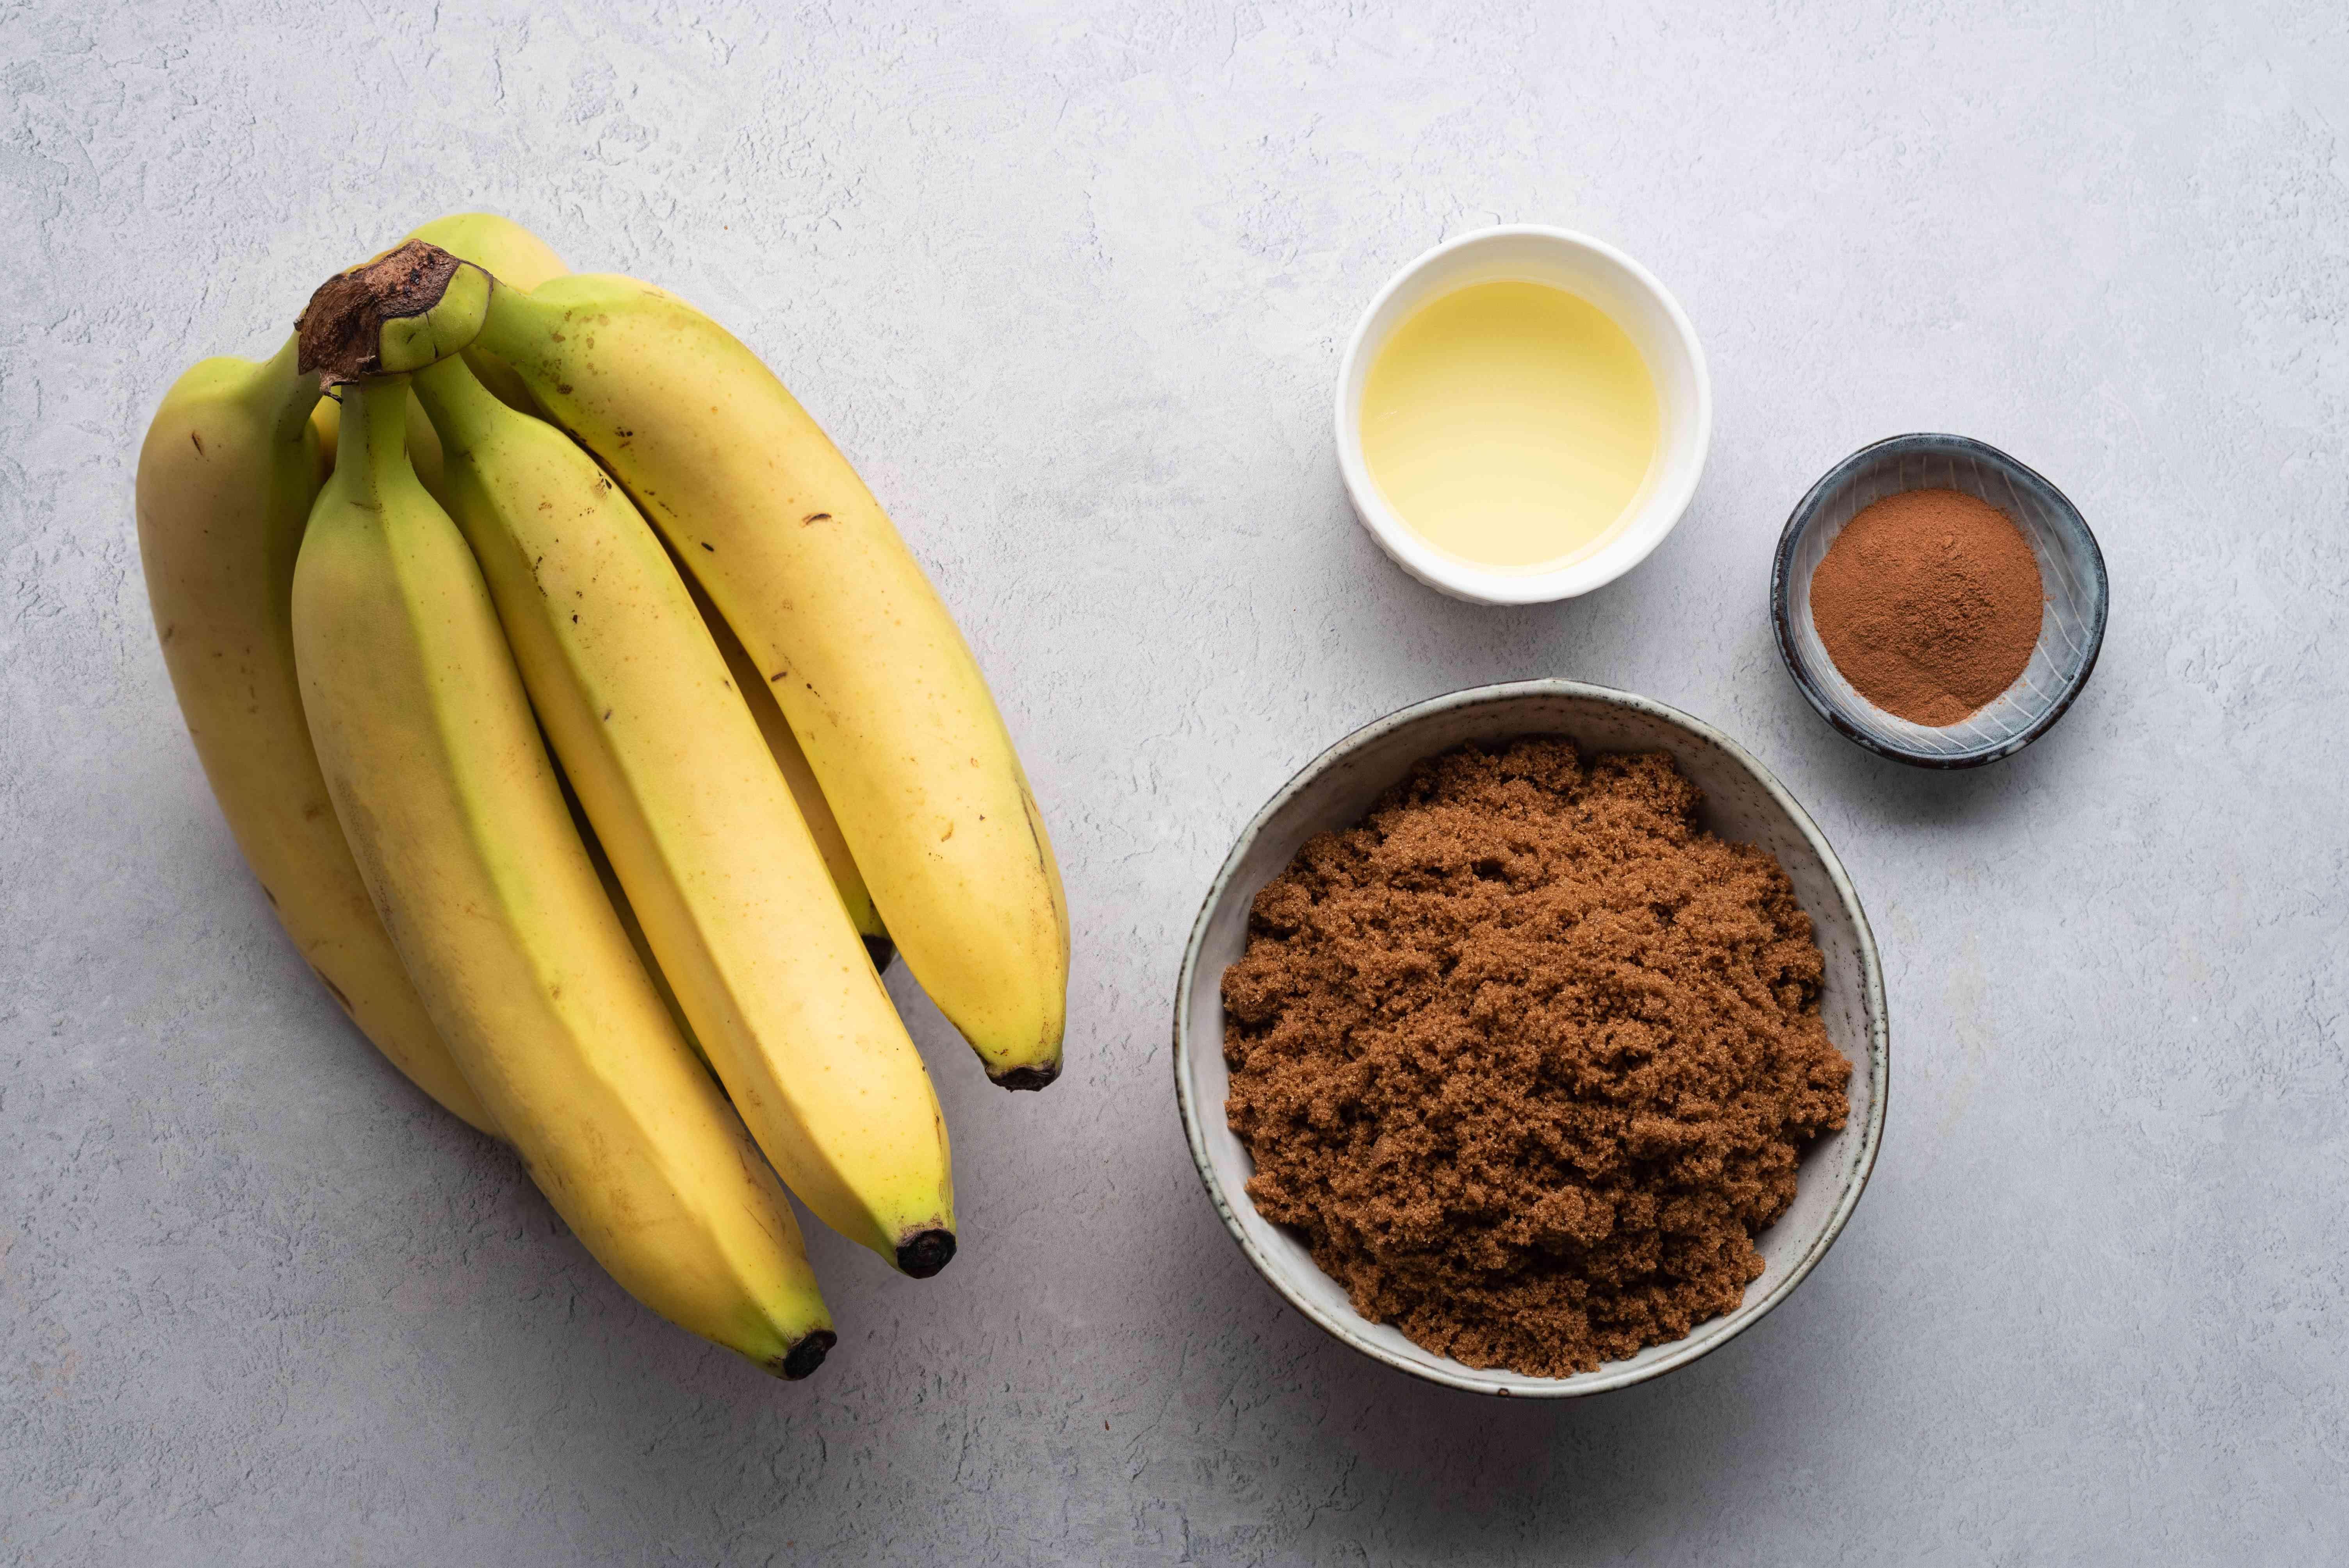 Grilled Brown Sugar Bananas ingredients